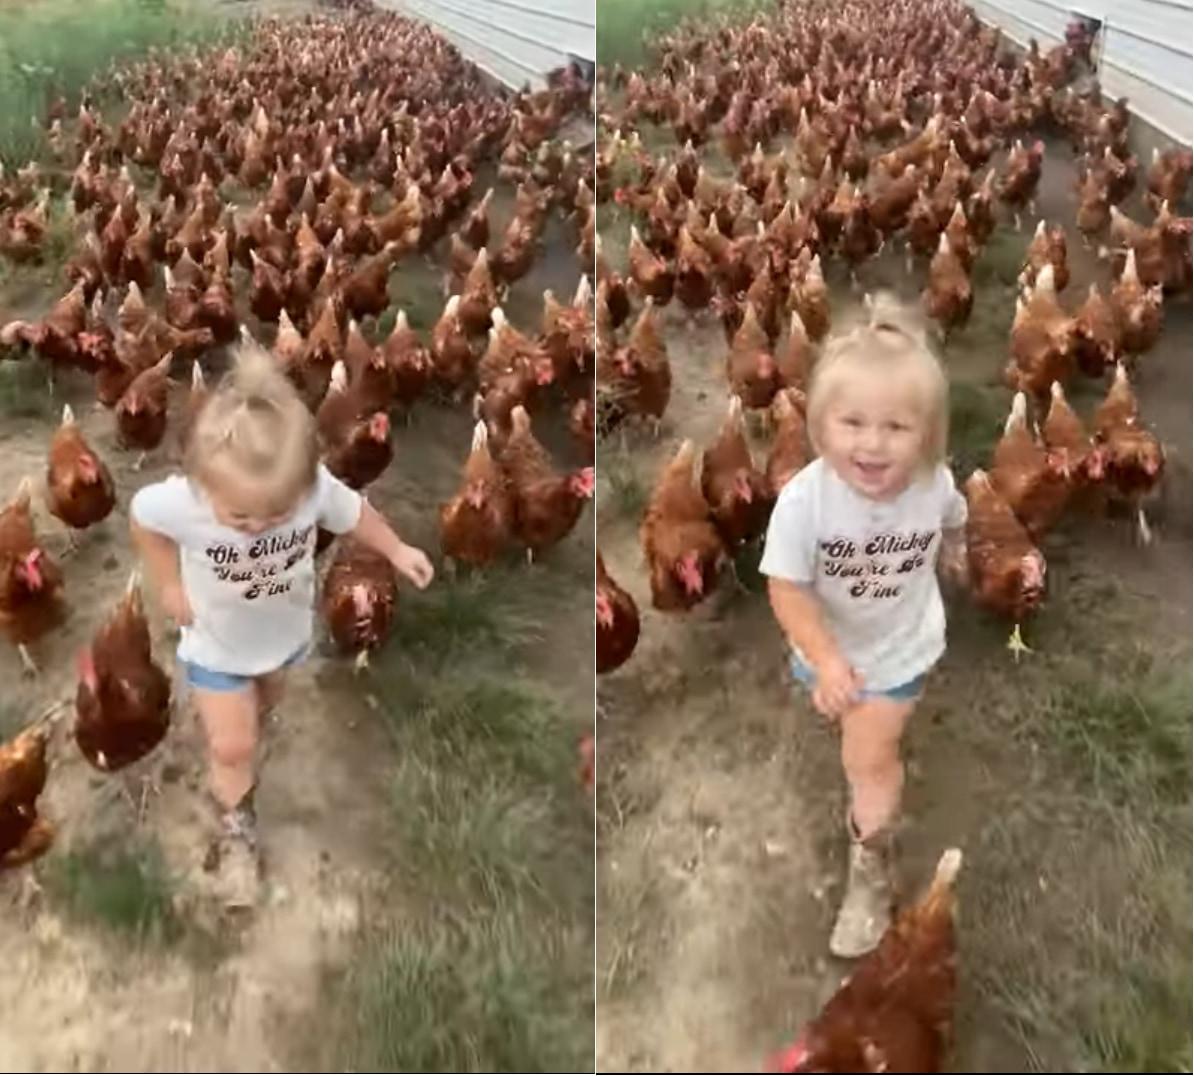 ニワトリのリーダー??数えきれないほどのニワトリを率いて歩く女の子